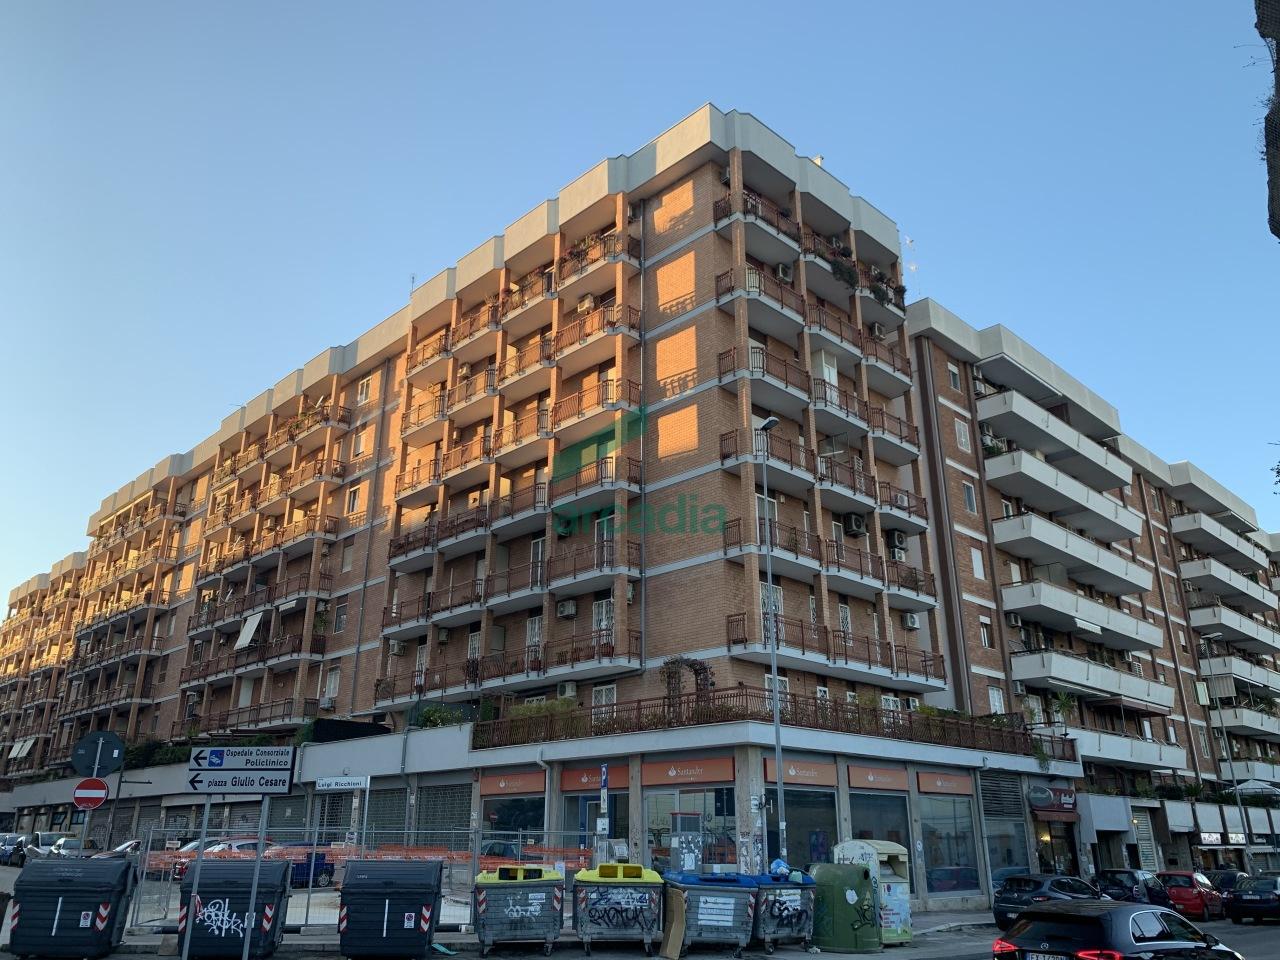 Appartamento in affitto a Picone, Bari (BA)